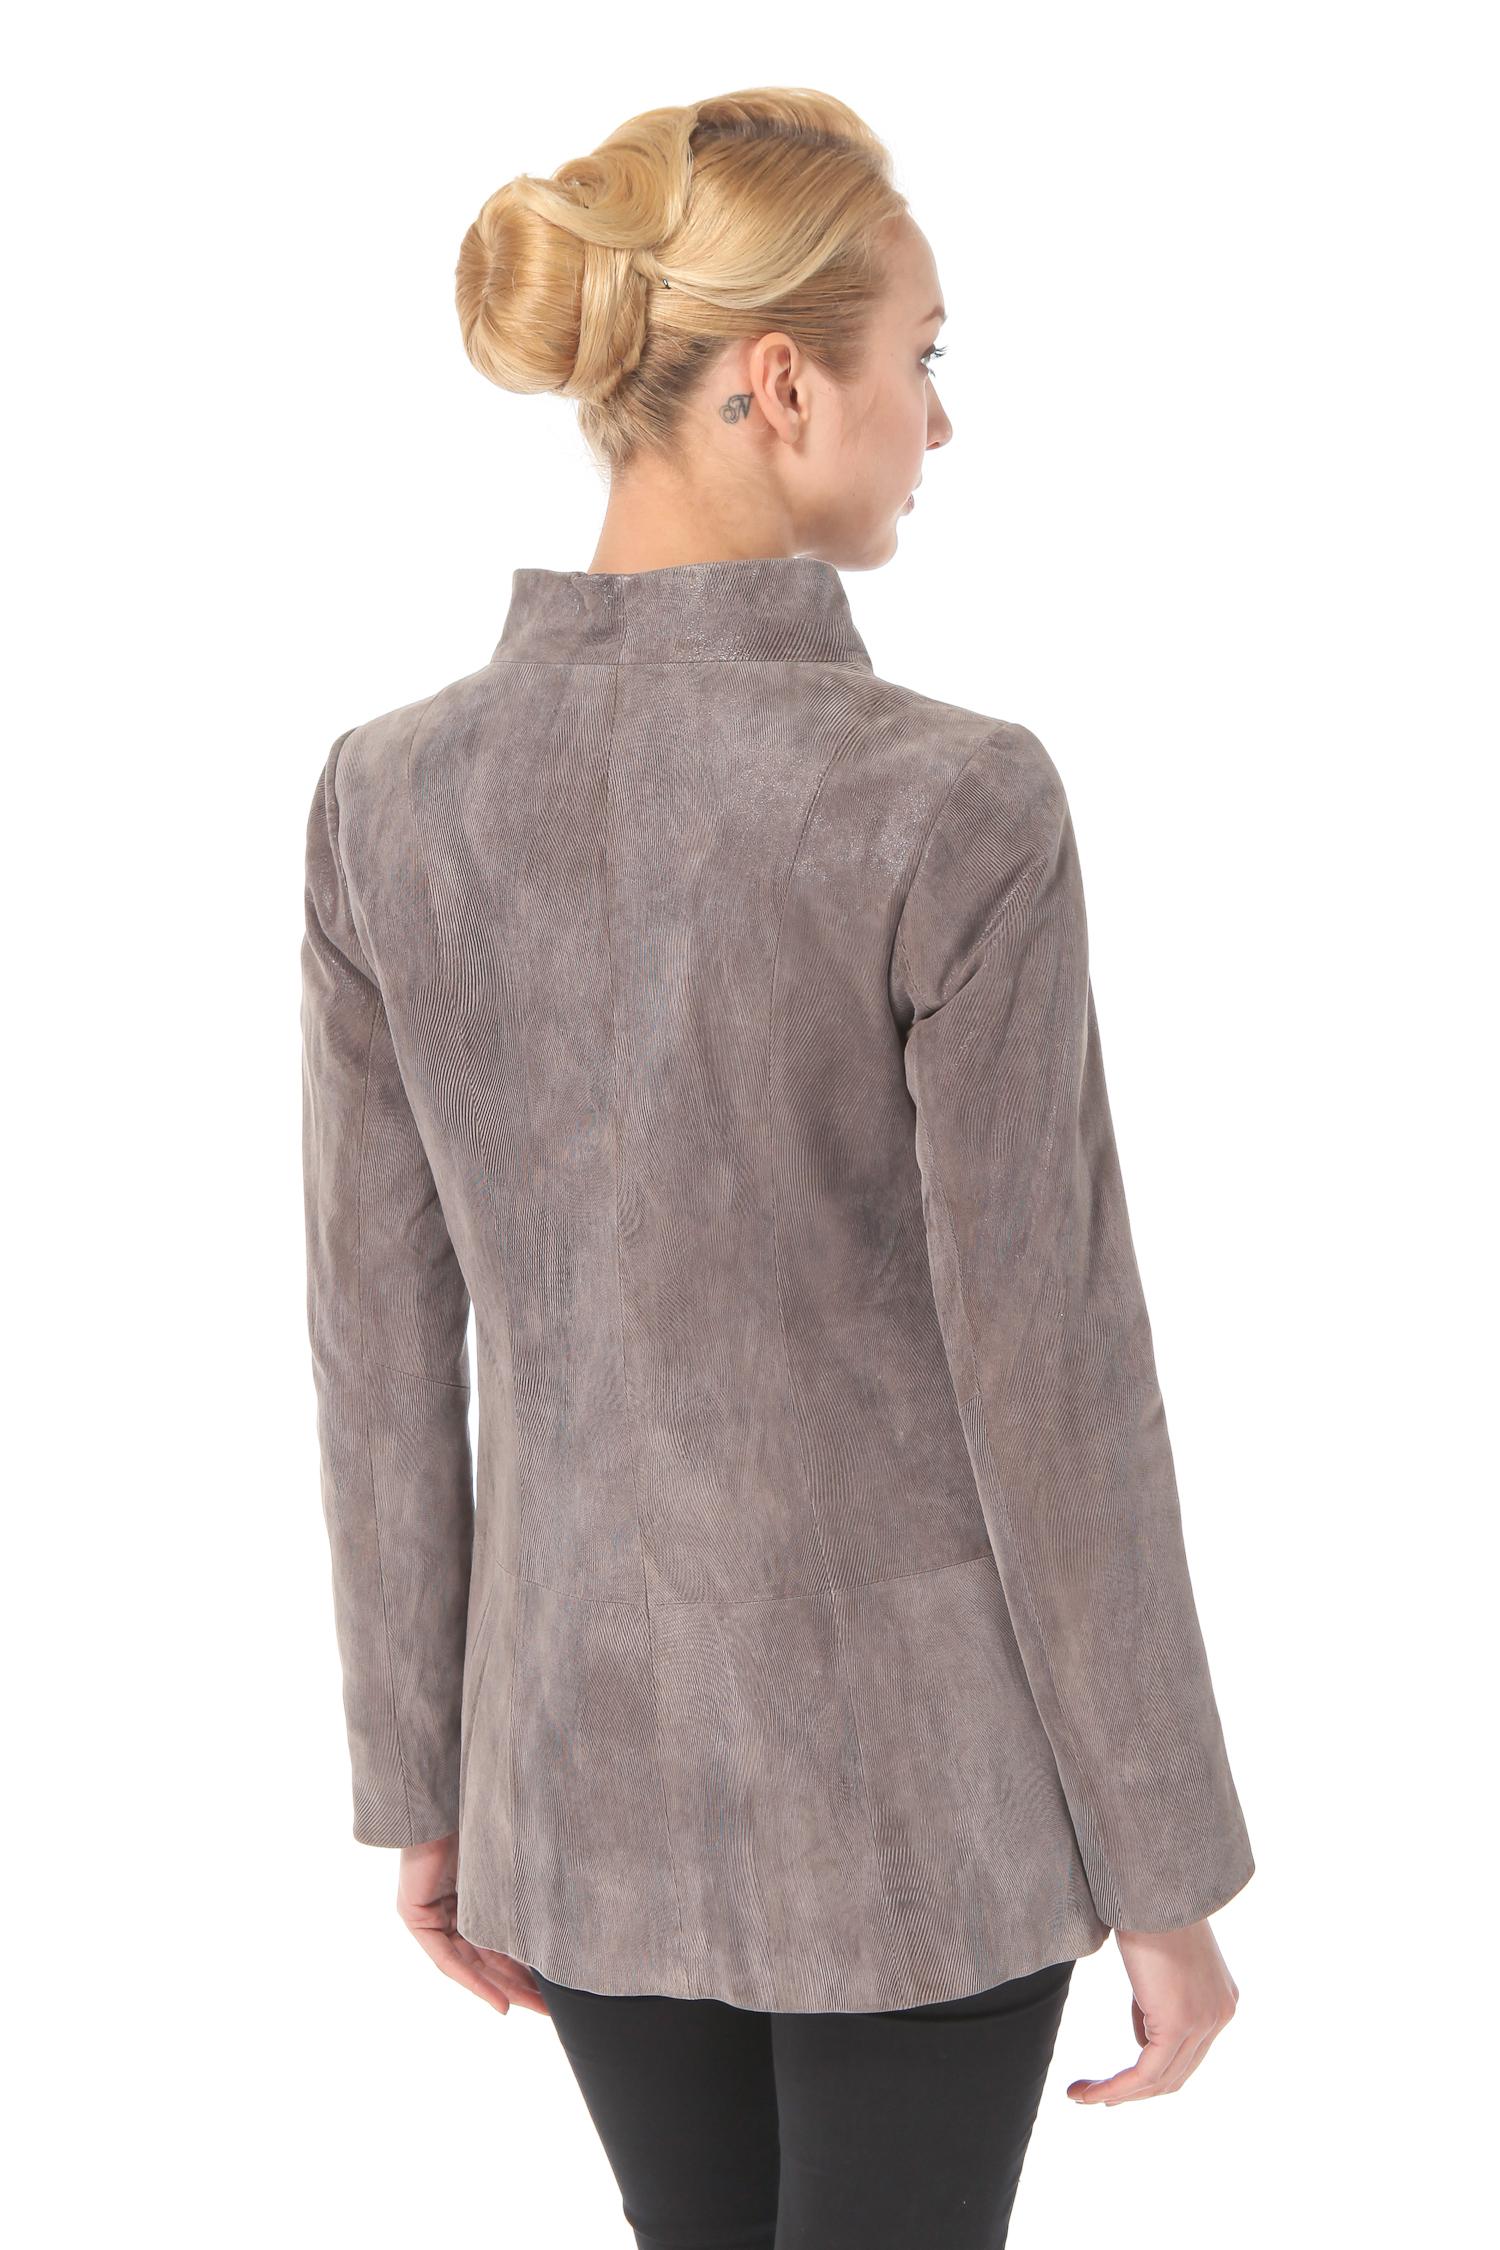 Фото 6 - Женская кожаная куртка из натуральной замши (с накатом) с воротником от МОСМЕХА бежевого цвета